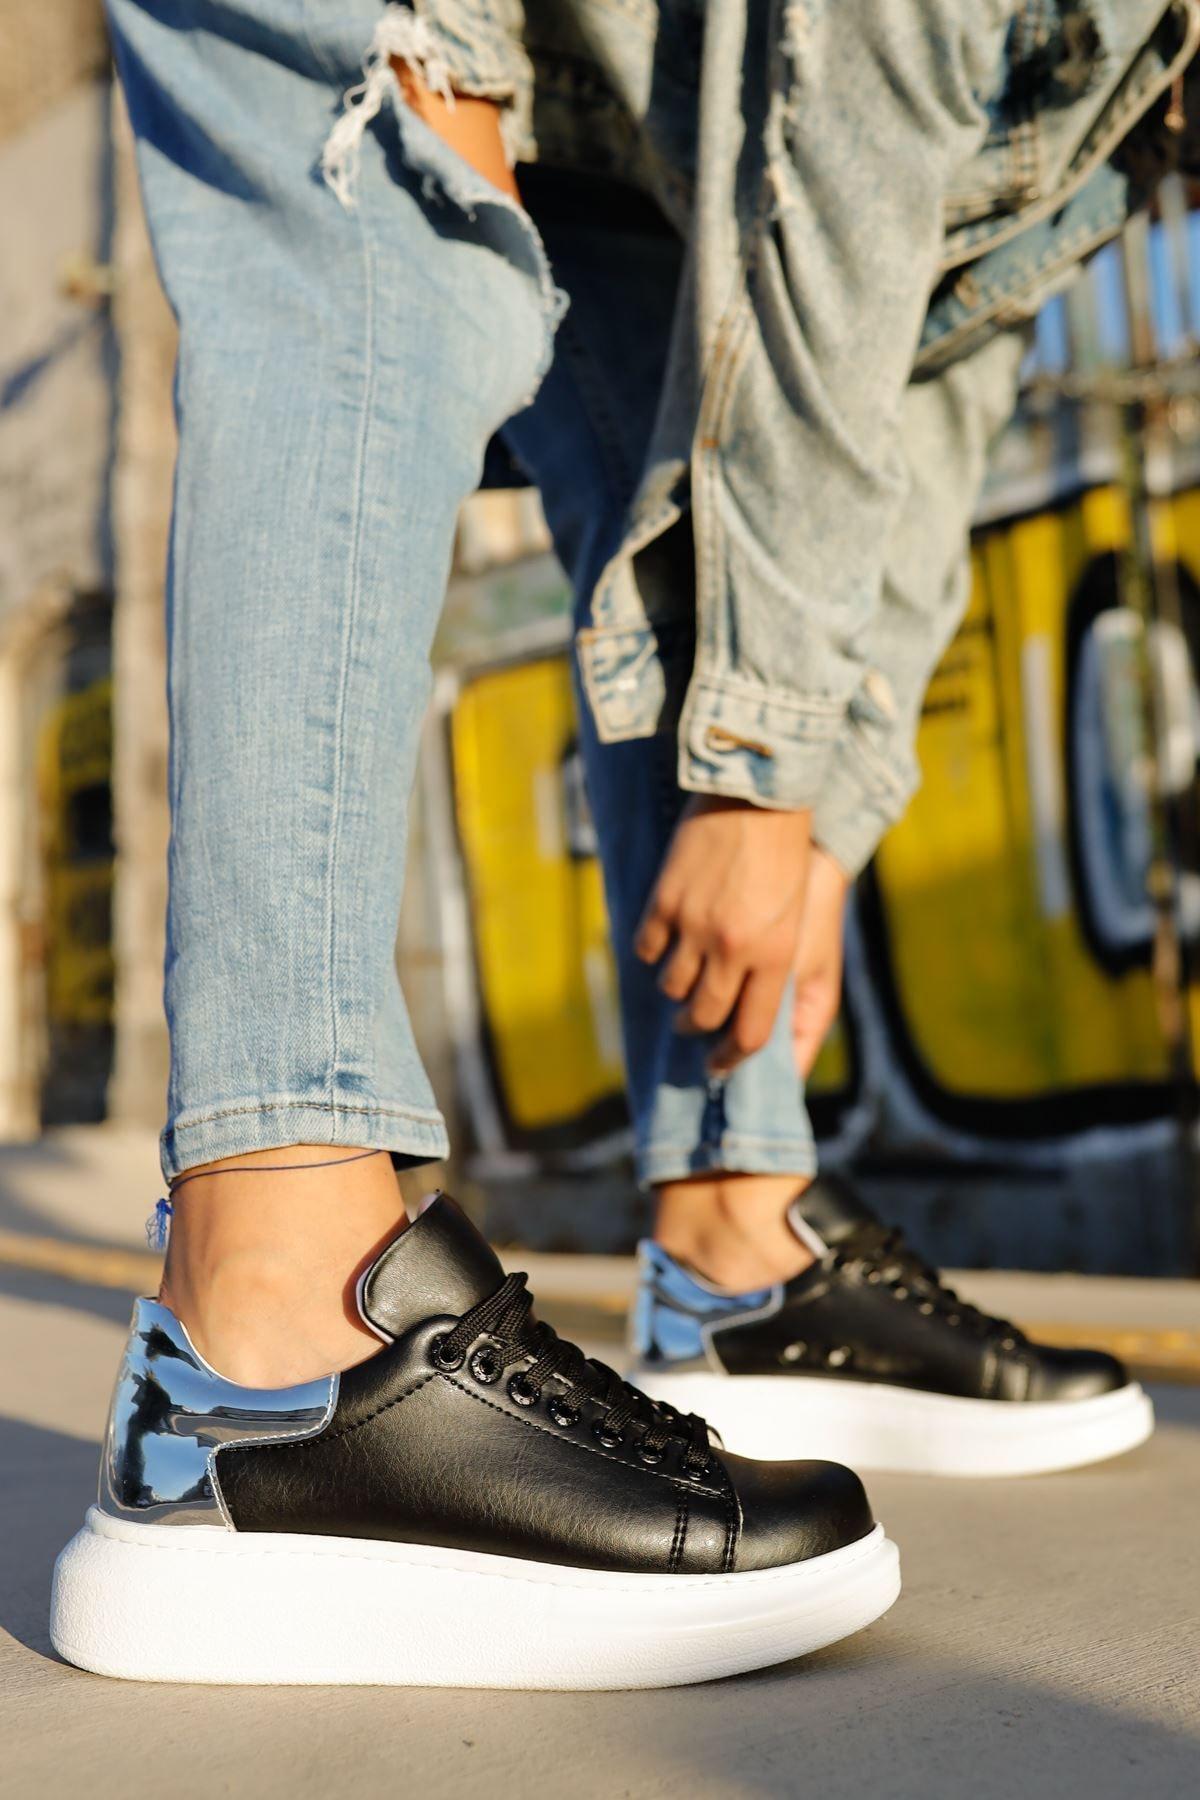 Chekich Ch259 Bt Kadın Ayakkabı Siyah / Gümüs 1